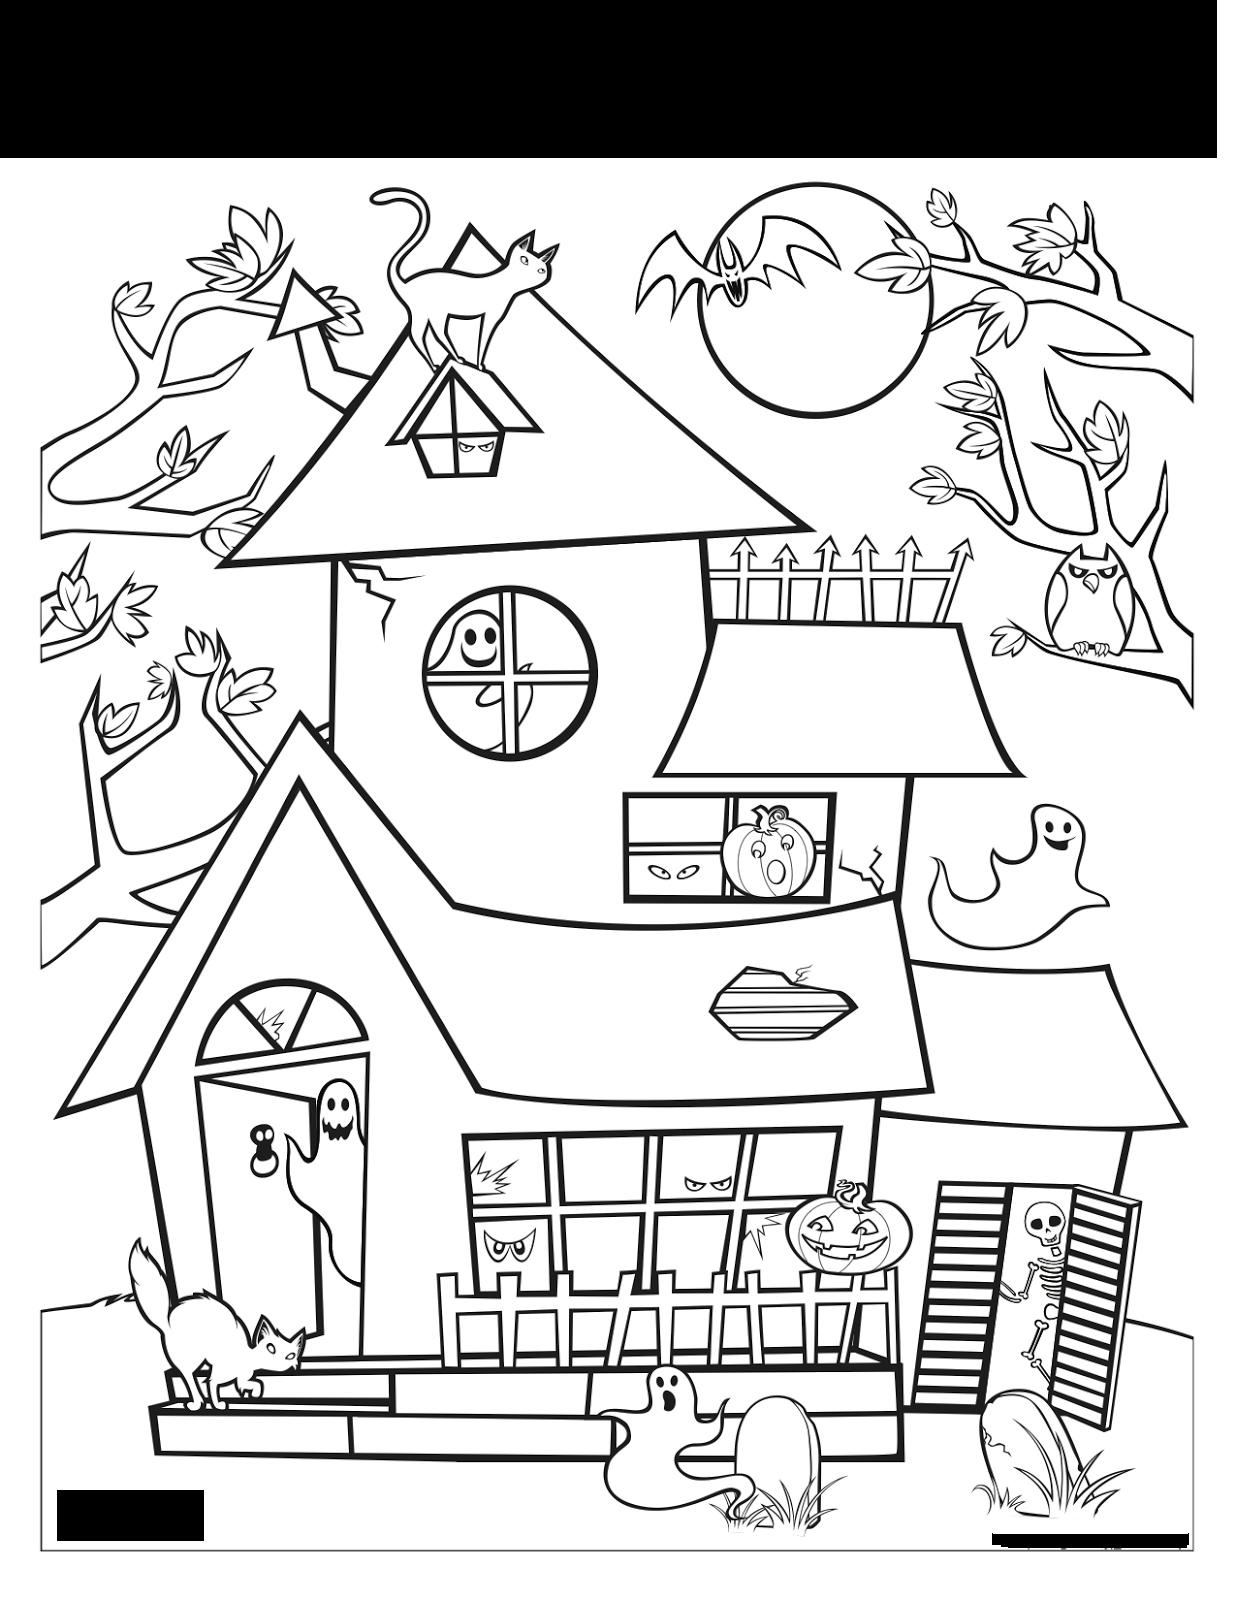 free printable house coloring pages - cantinho do primeiro ciclo desenhos de halloween para pintar